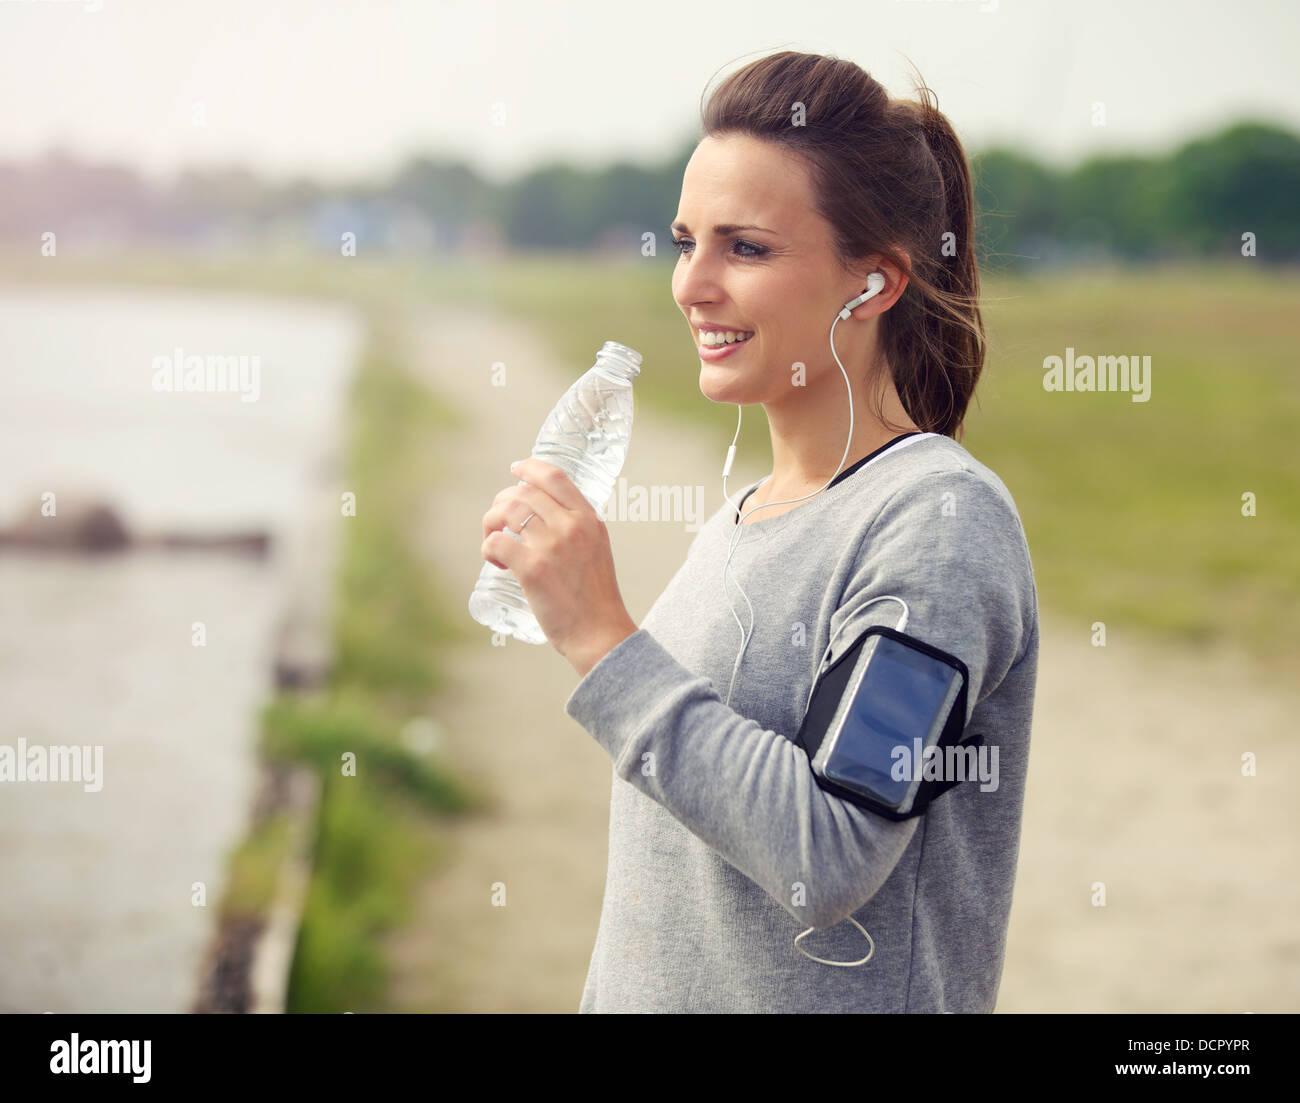 Corredoras sonriendo mientras bebe agua embotellada Imagen De Stock